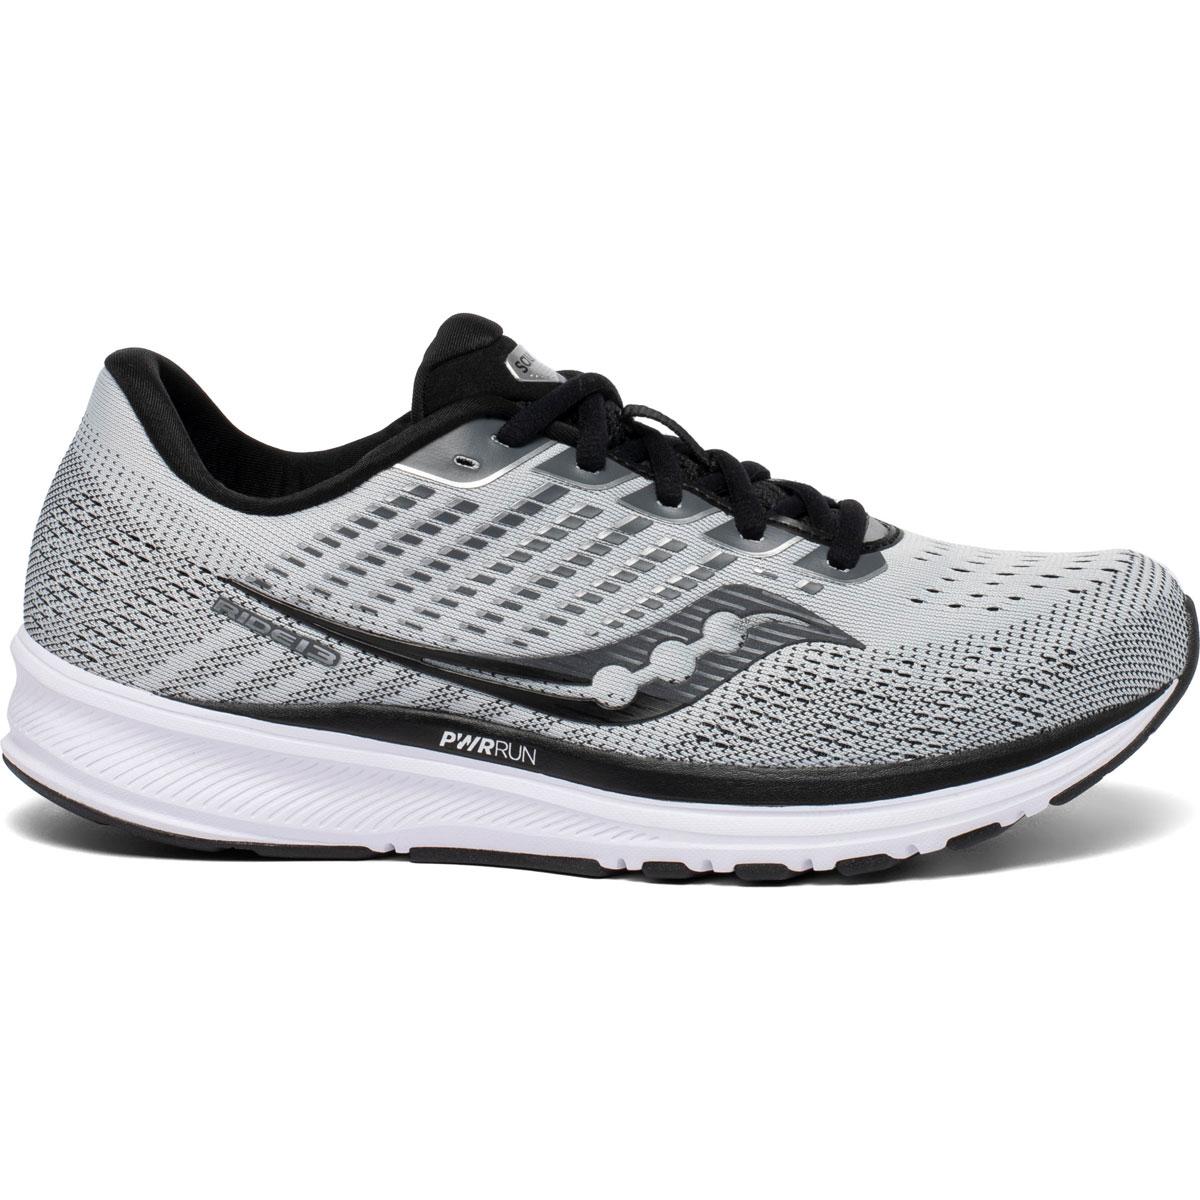 Men's Saucony Ride 13 Running Shoe - Color: Alloy/Black - Size: 7 - Width: Regular, Alloy/Black, large, image 1